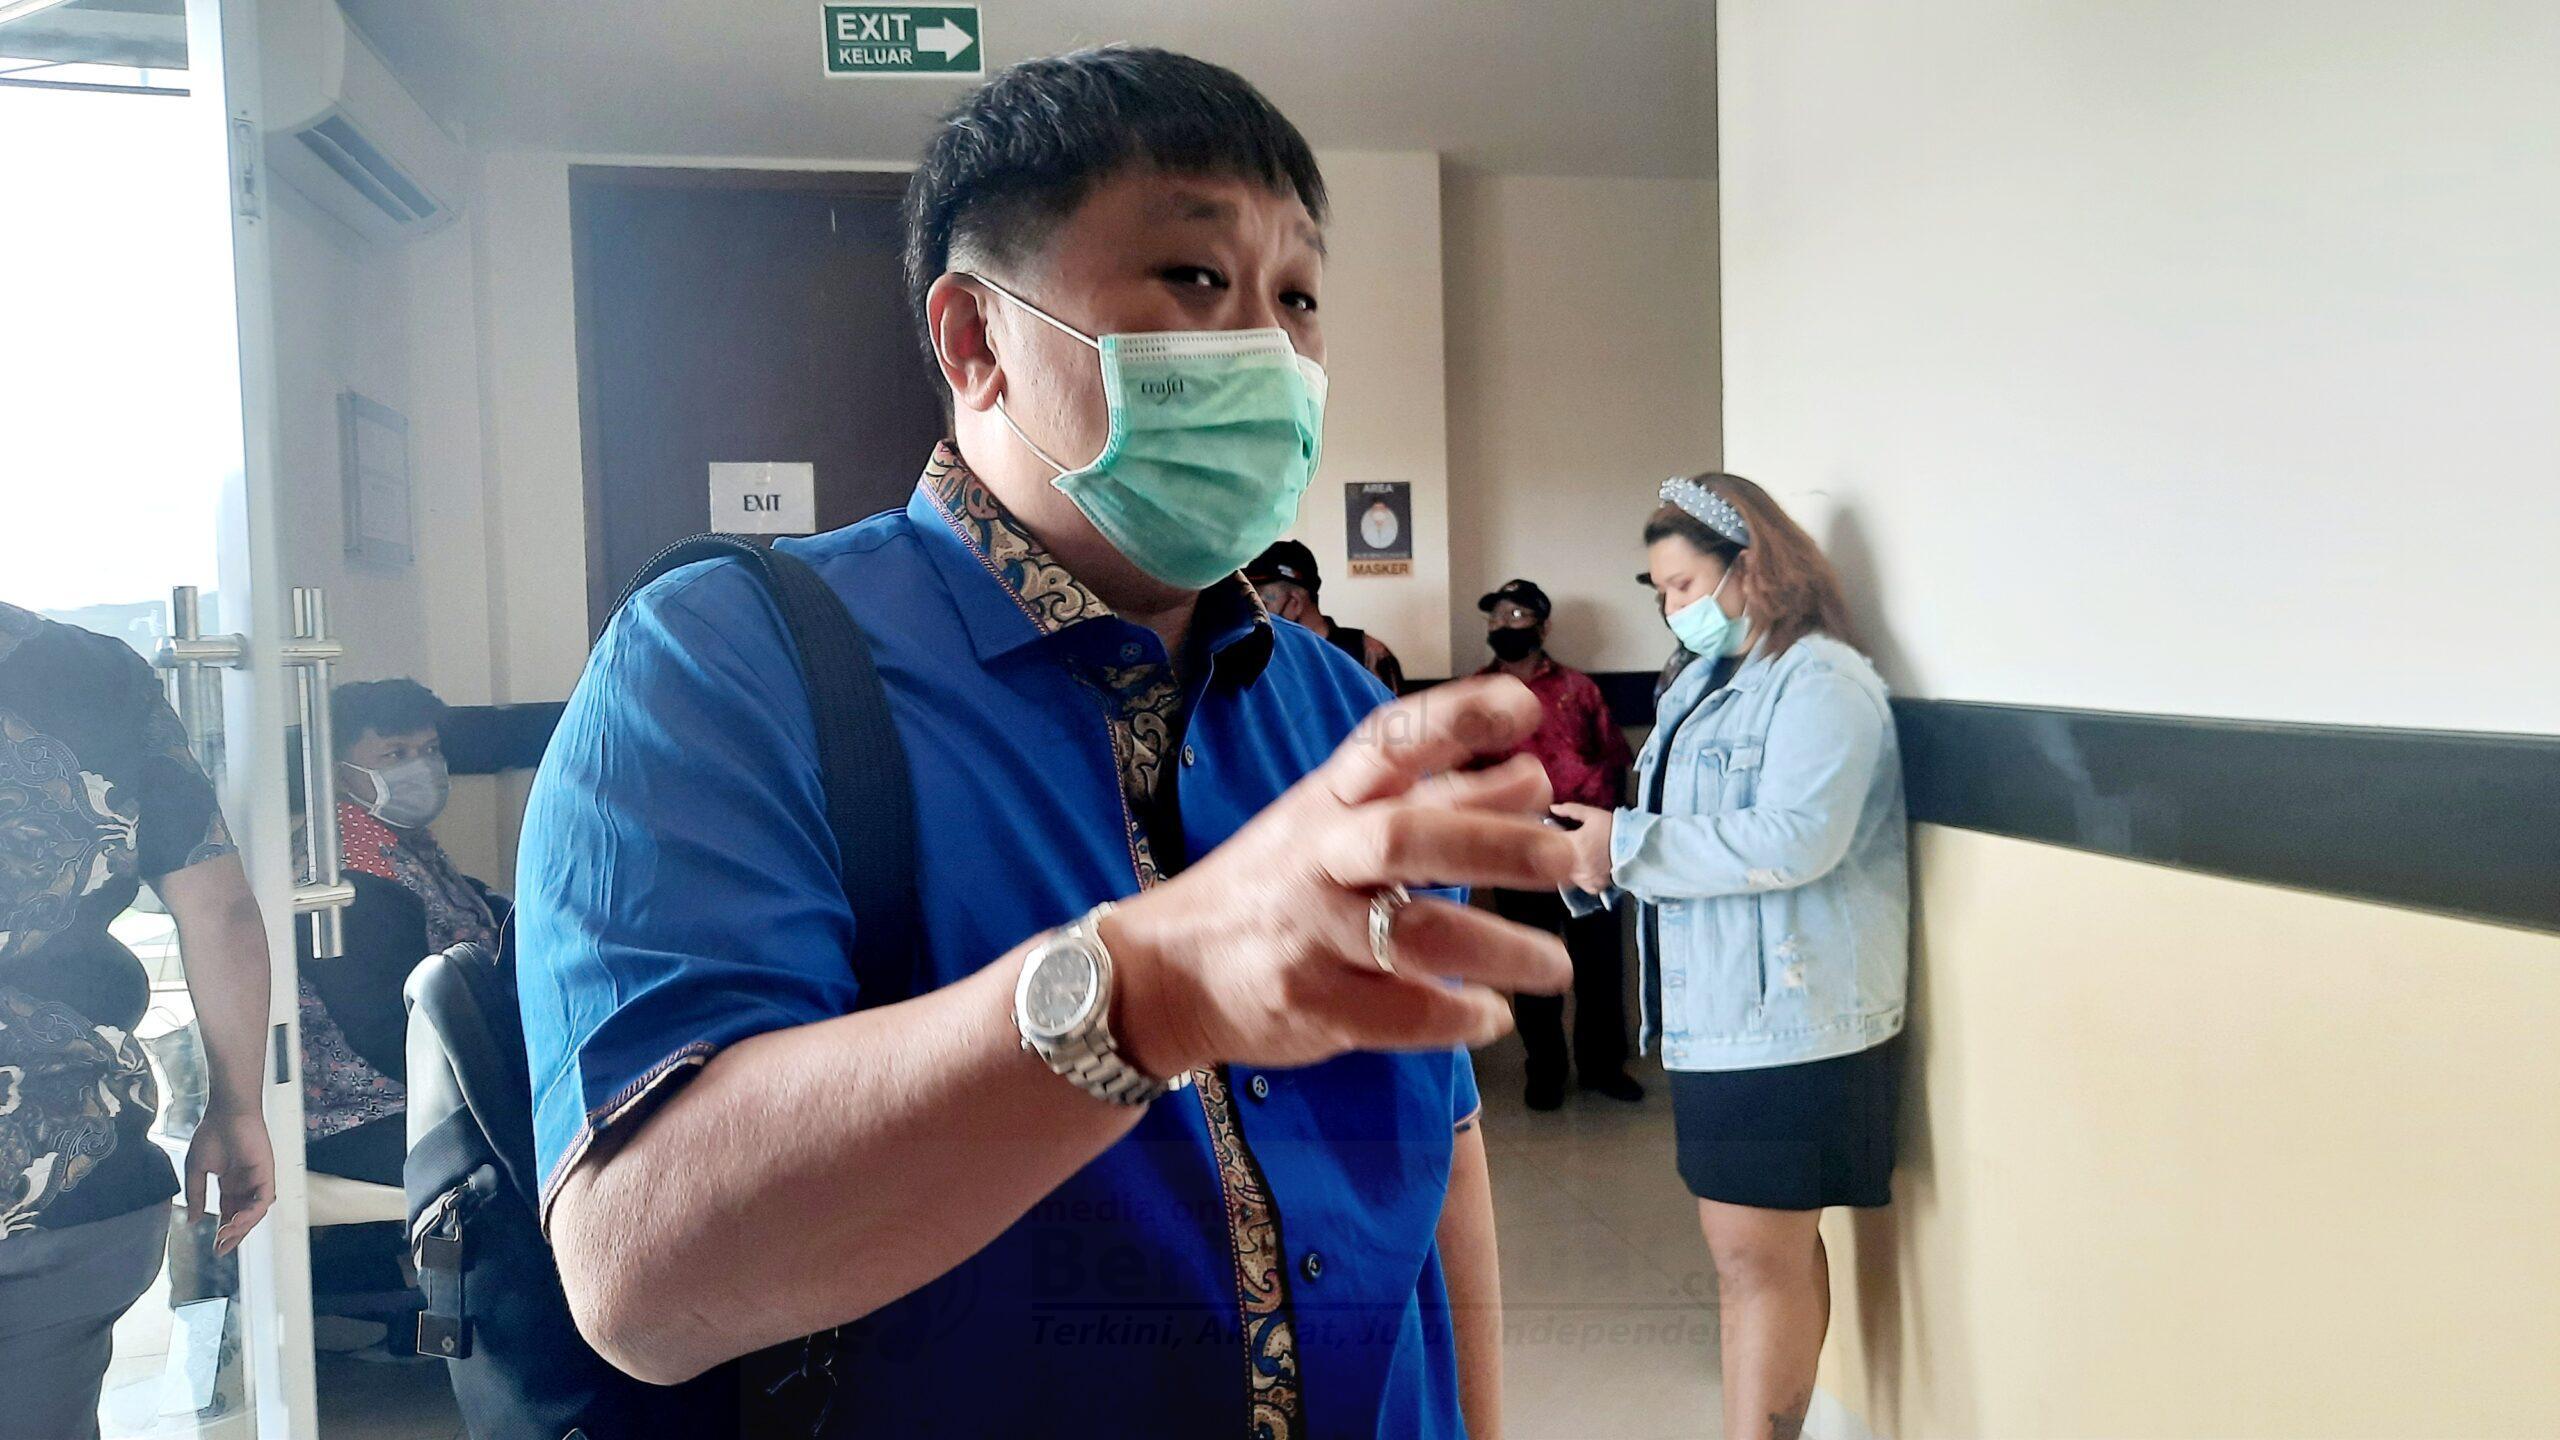 Hilangnya Progres Vaksin Merah Putih, Rico Sia: Jangan Sampai Nasionalis Terkikis 27 20201222 125908 scaled